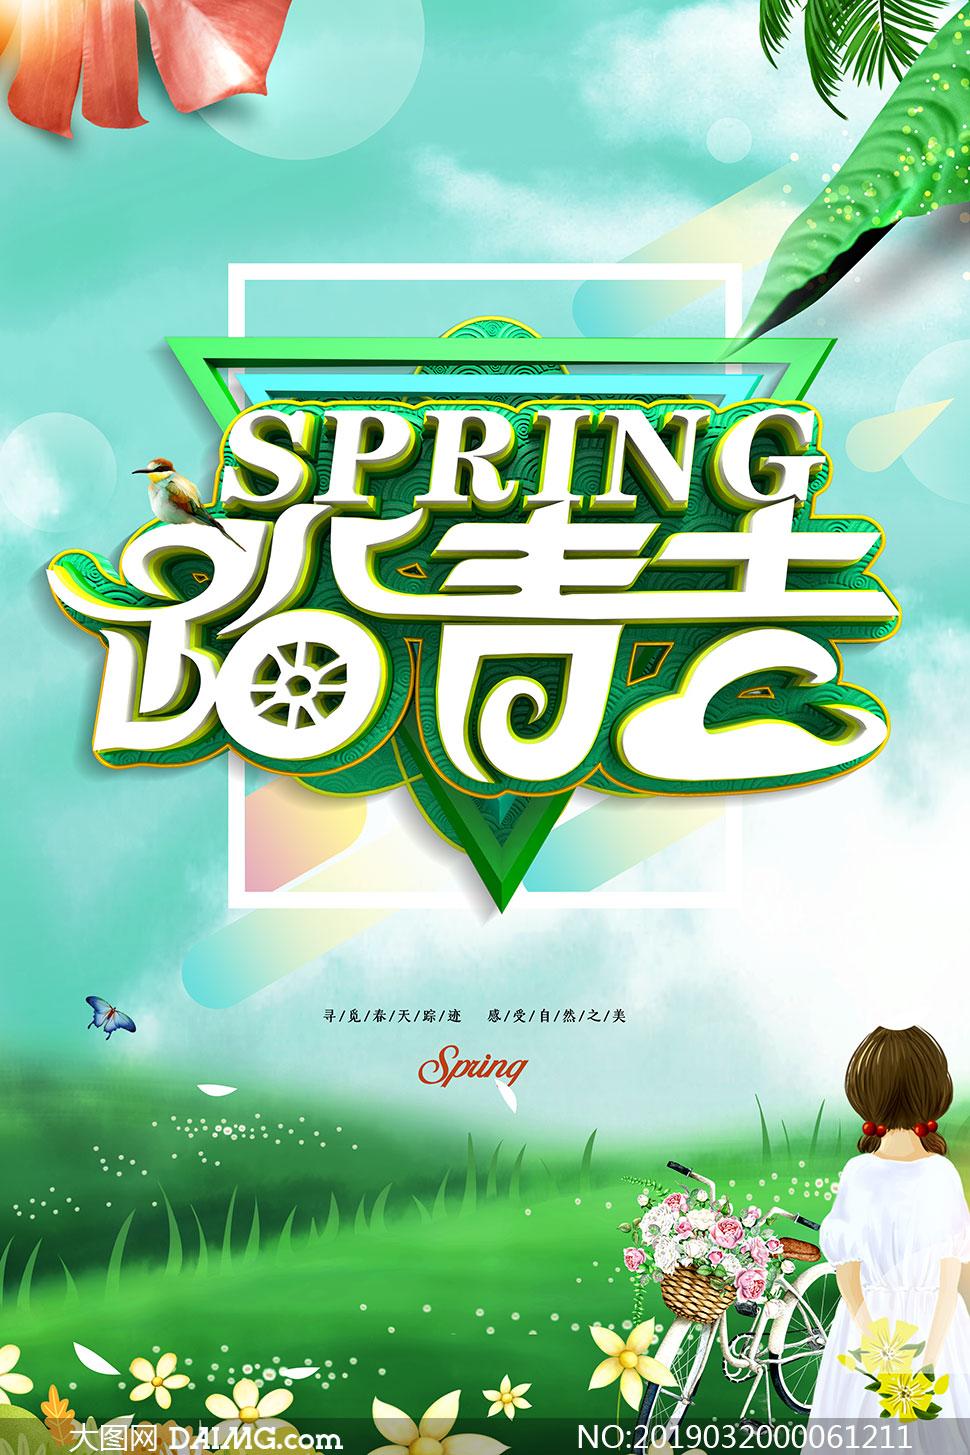 春季踏青去宣传海报设计PSD素材